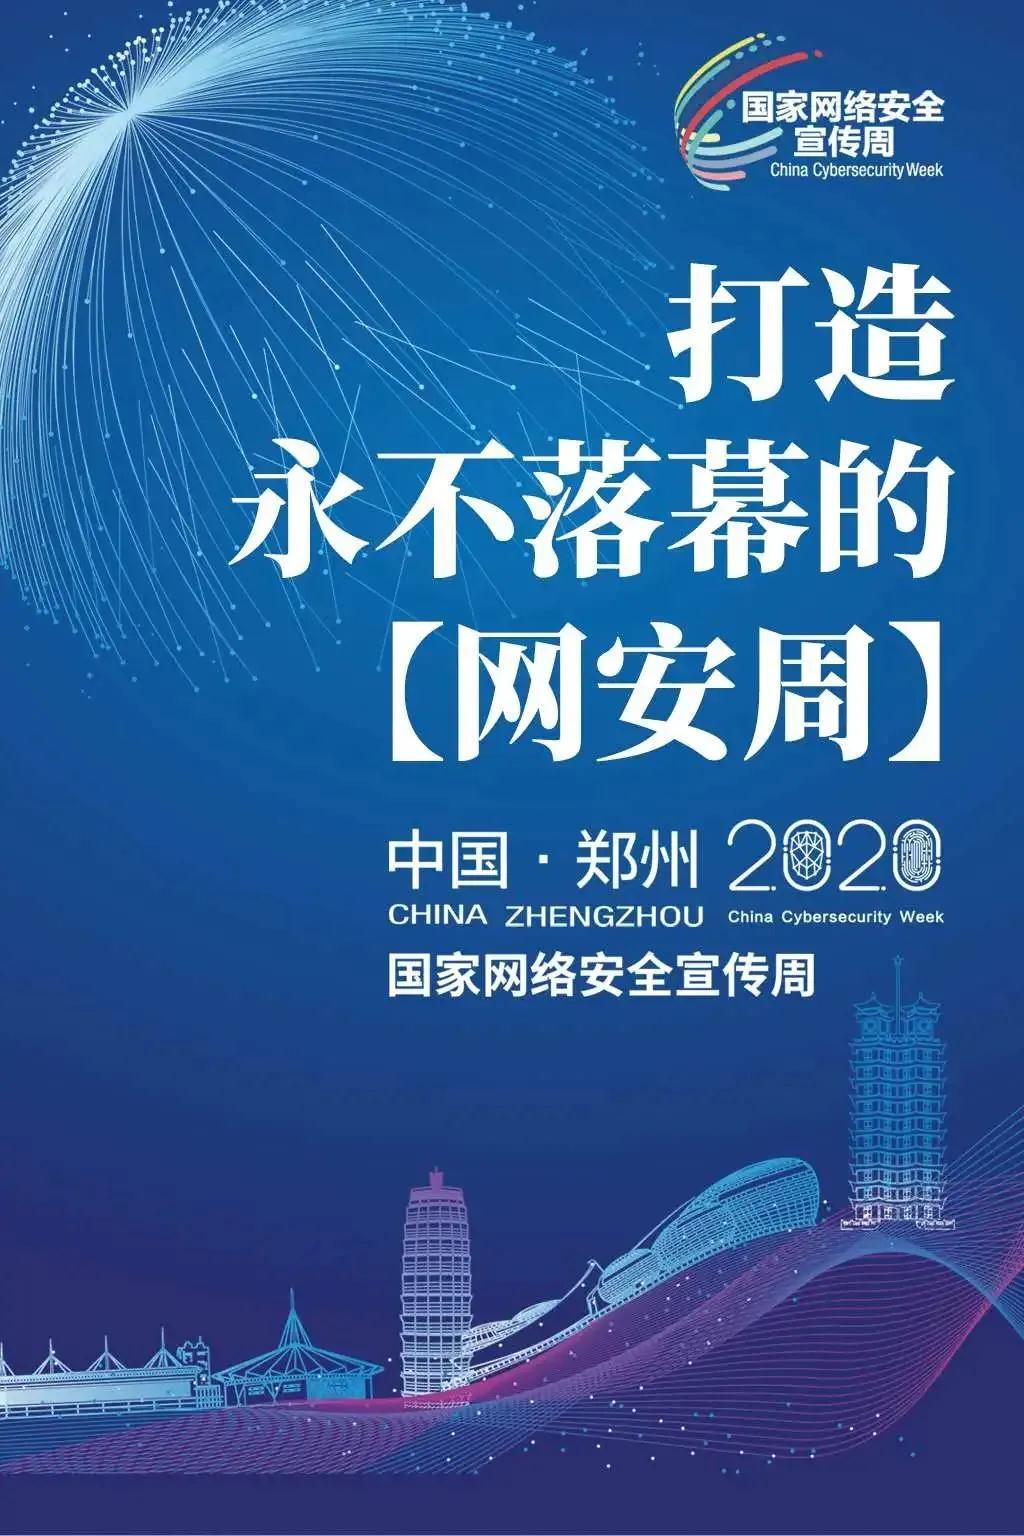 """叫我""""科技郑""""!2020年国家网络安全宣传周大幕待启"""